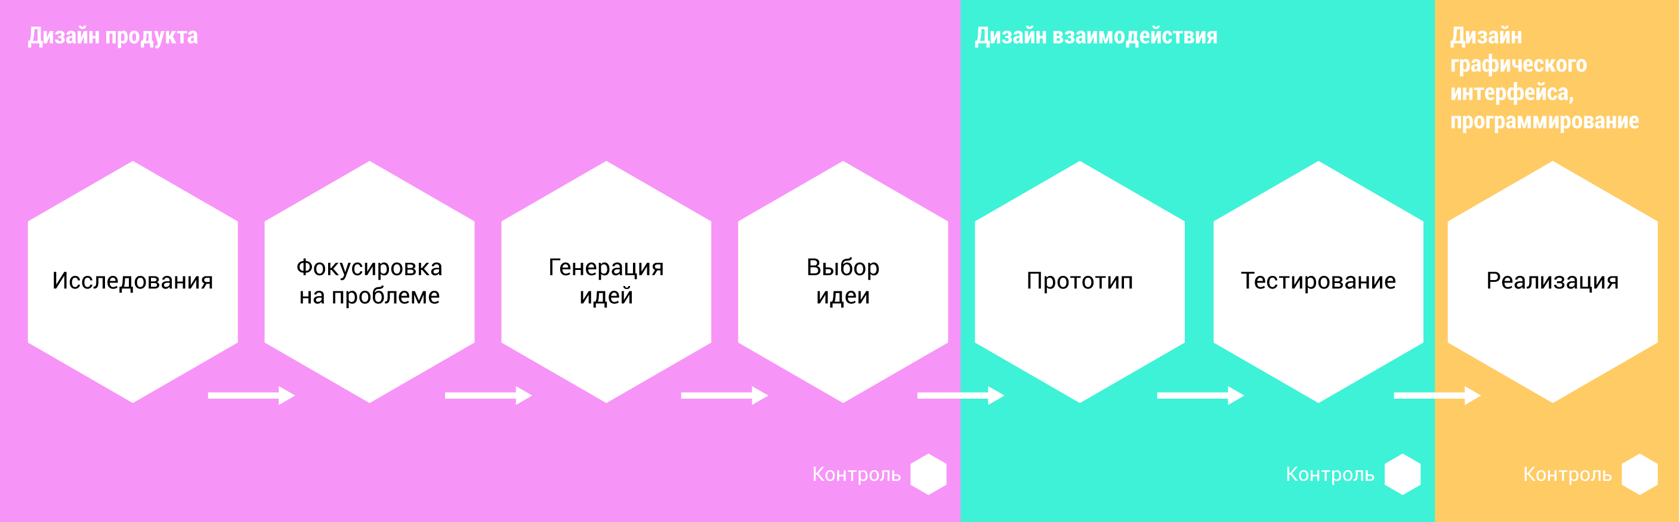 Взаимодействие дизайнеров в создании сайта